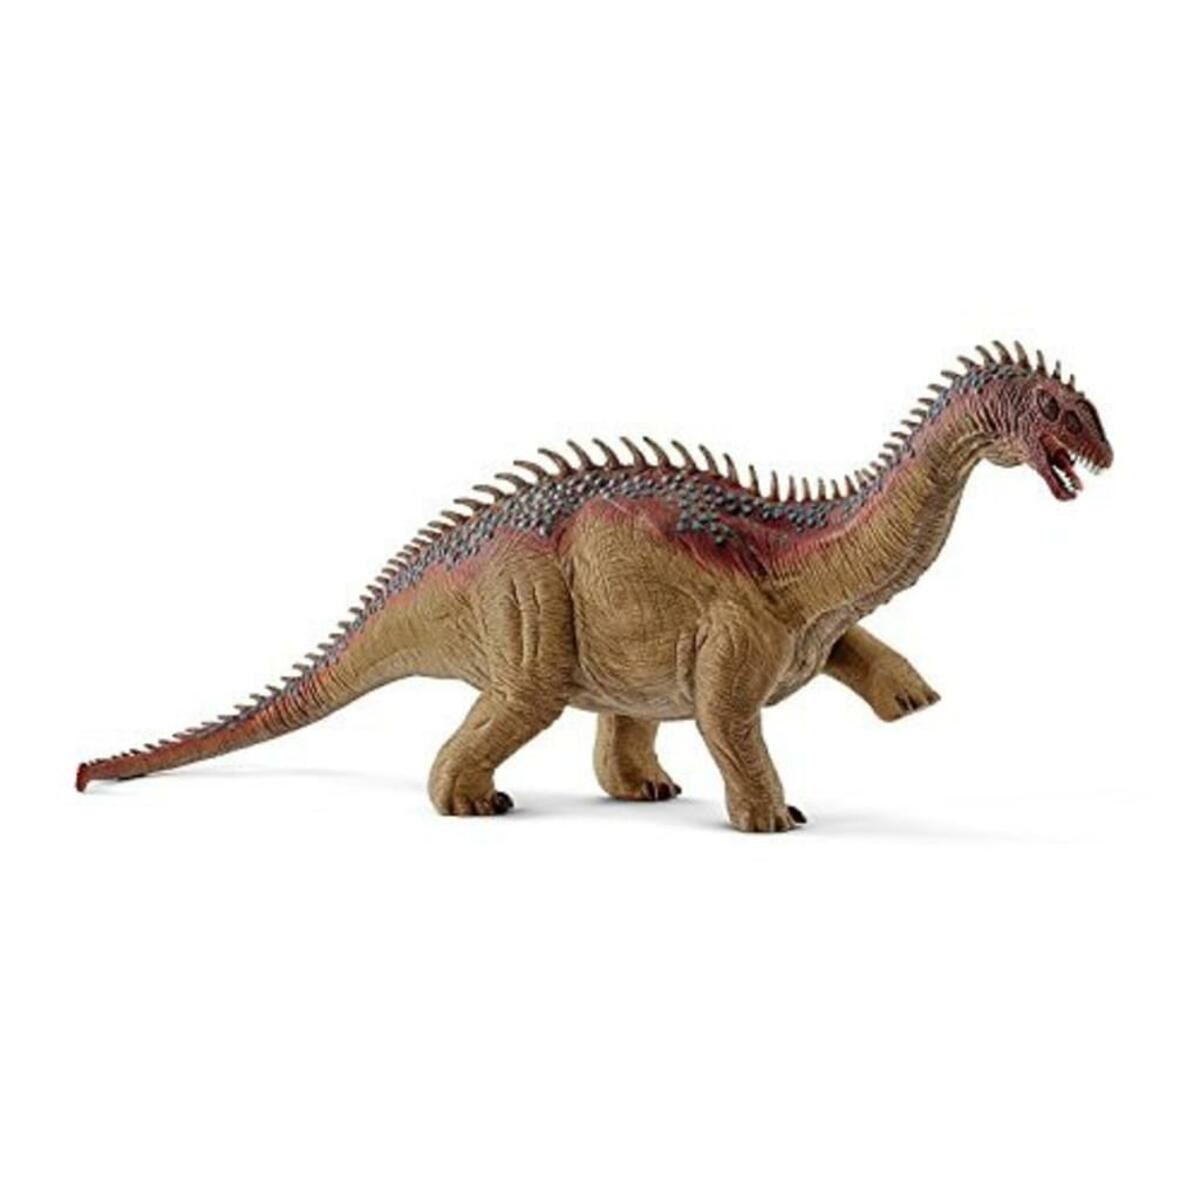 Bild 2 von Schleich - Tierfiguren, Barapasaurus; 14574